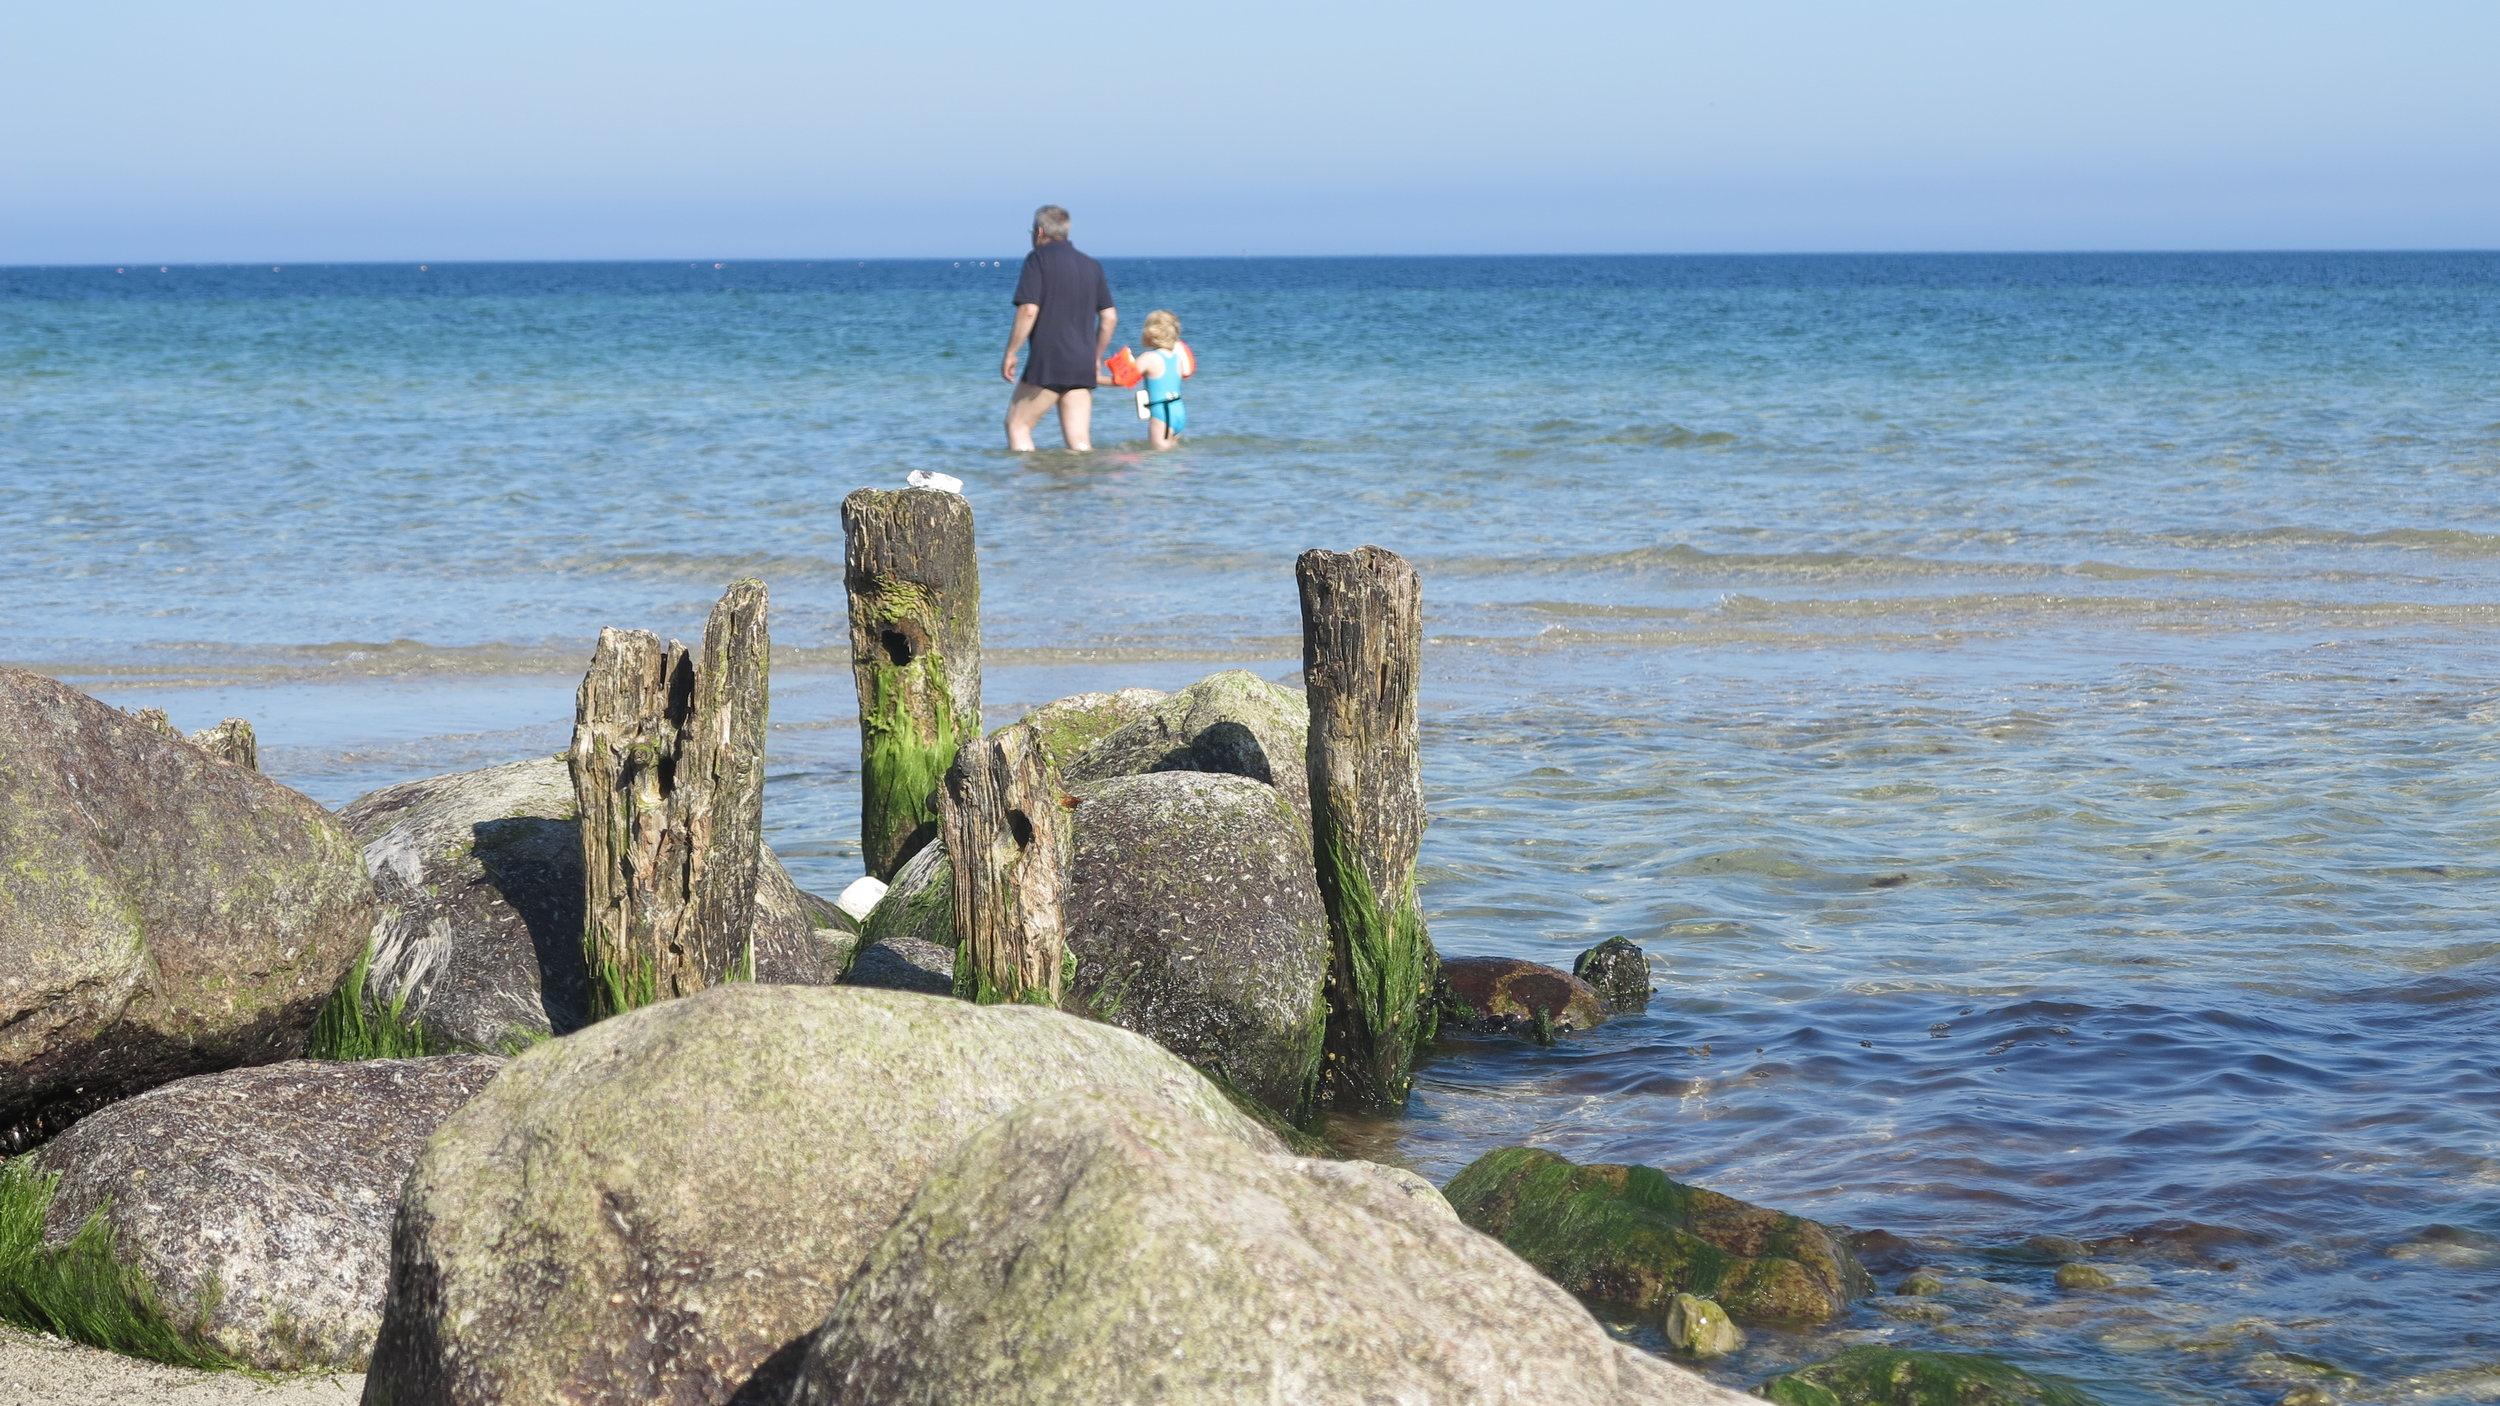 Familienfreundlicher Strandabschnitt mit großen und kleinen Steinen, aber immer auch mal einem Plätzchen mit feinem Sand – und vor allem: einem sanften, flachen Weg ins Wasser